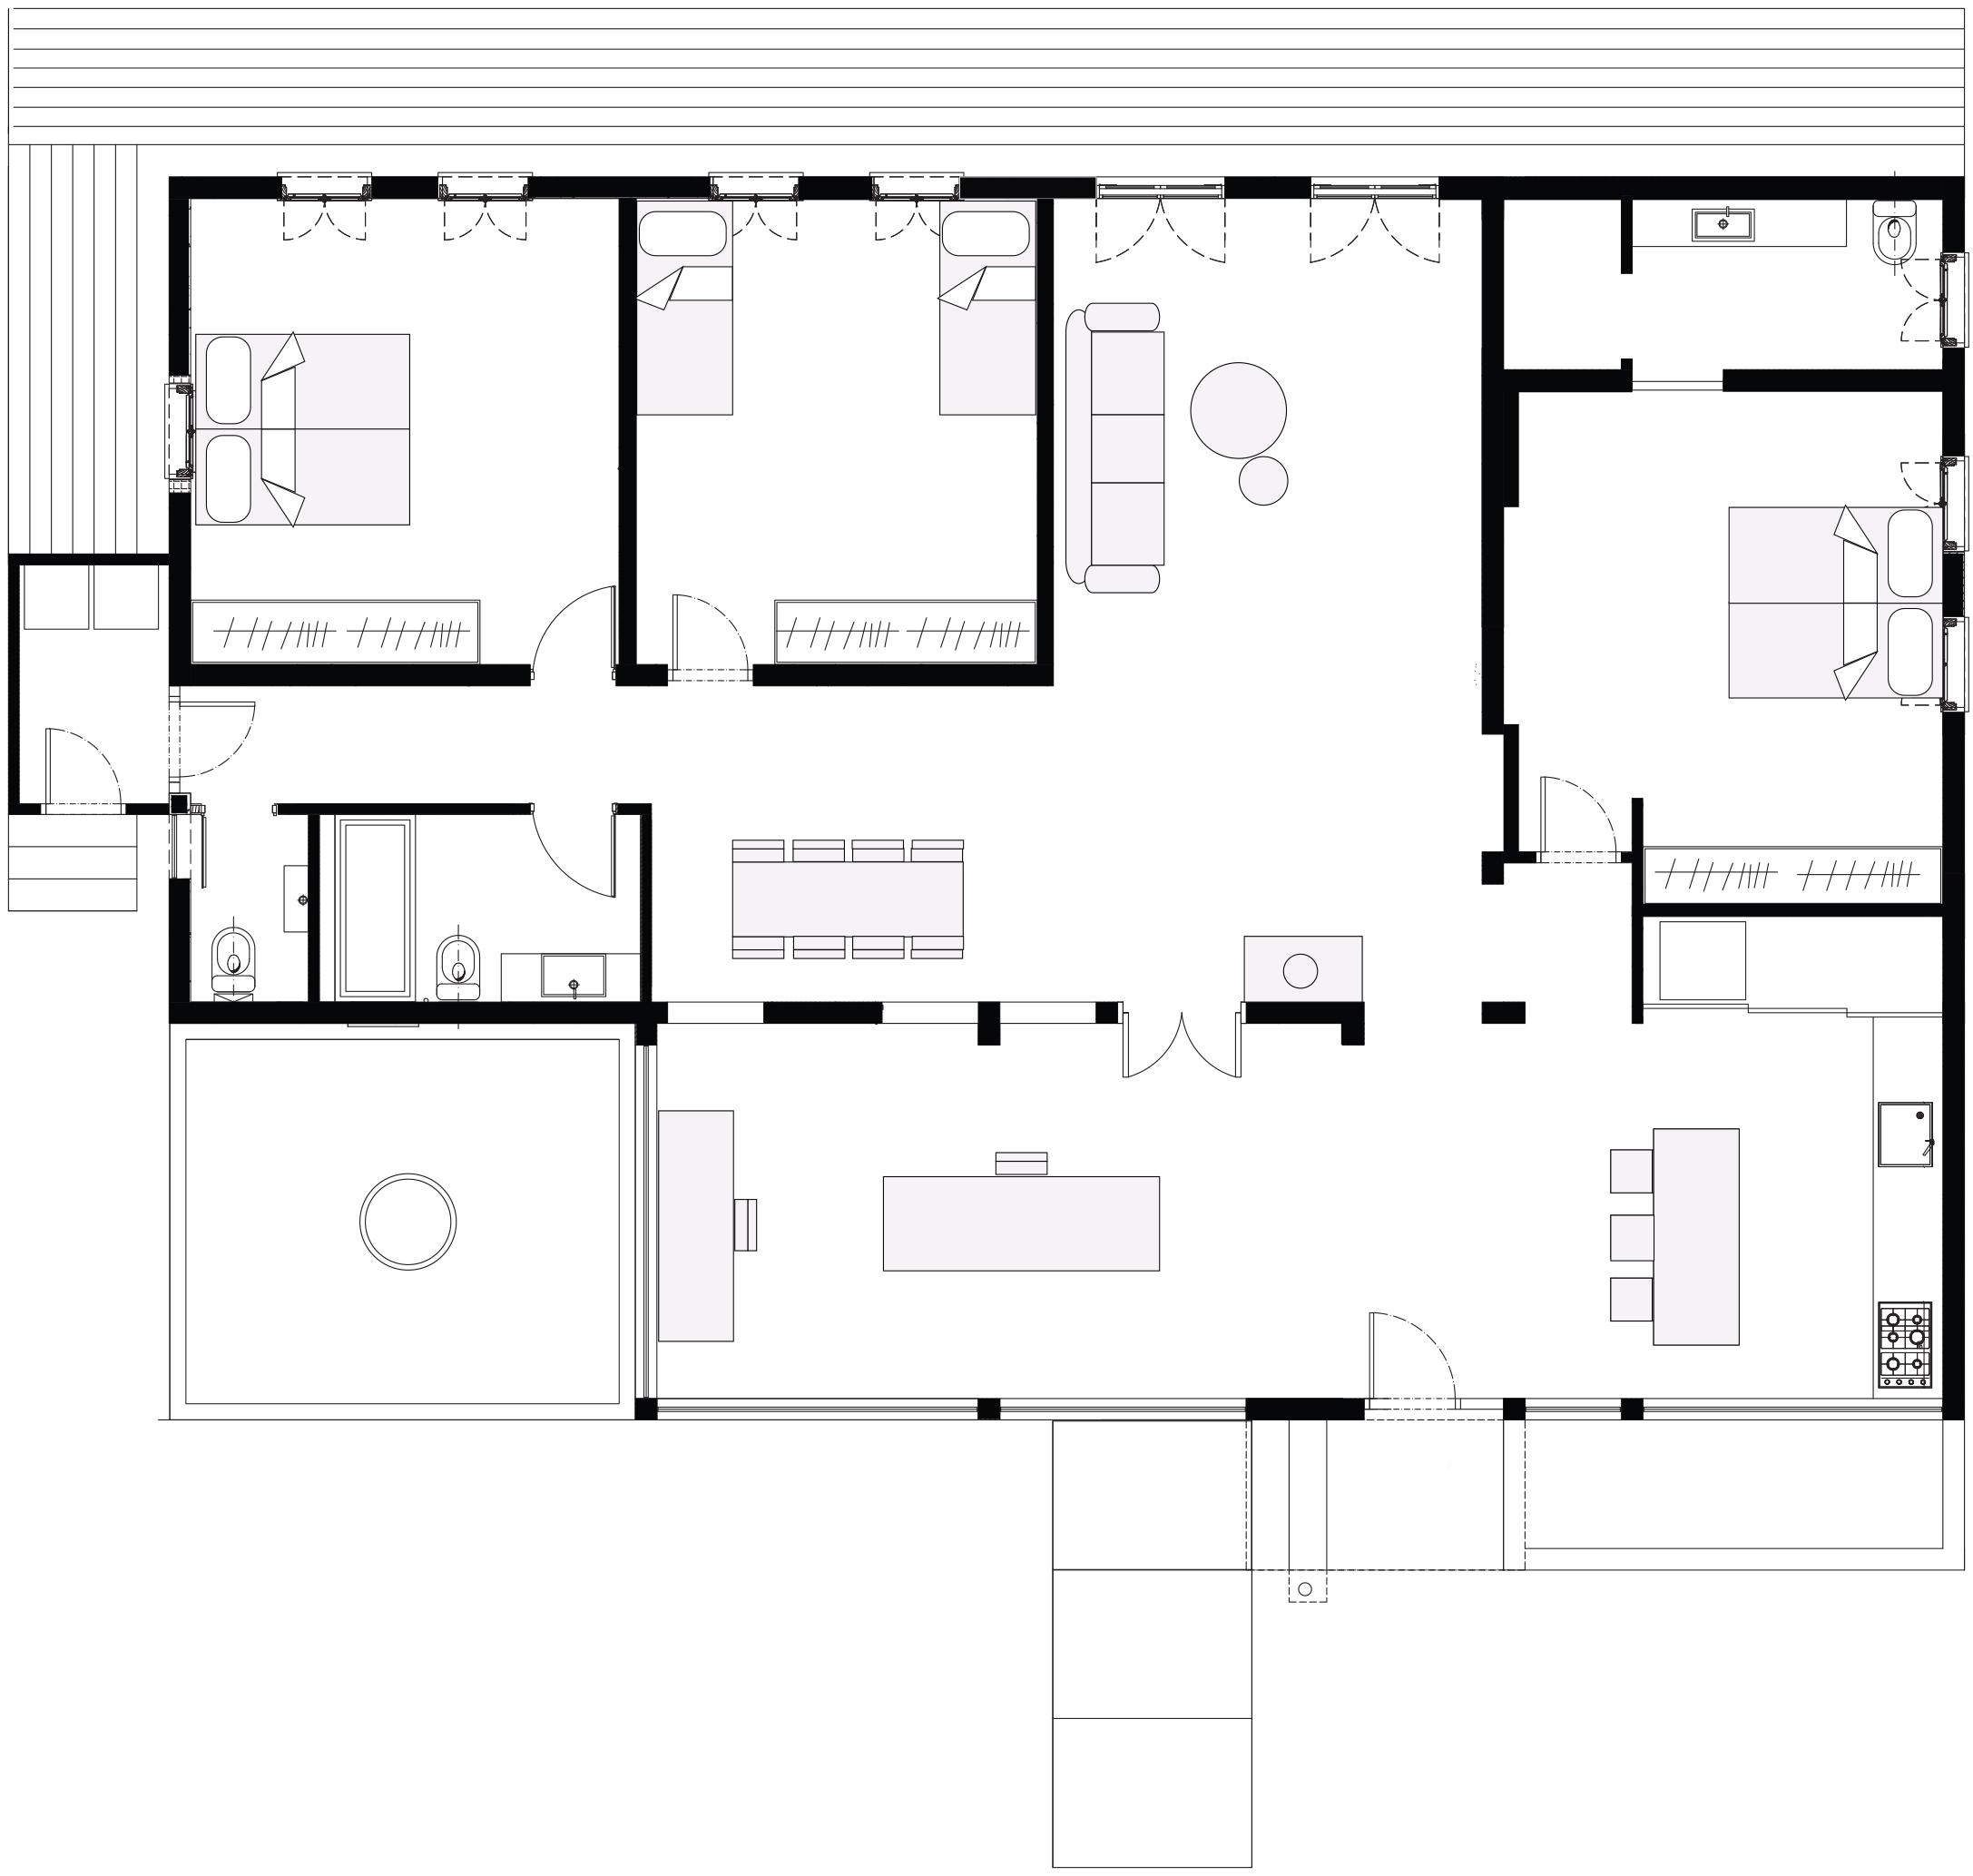 תכניות הבית- לפני ואחרי